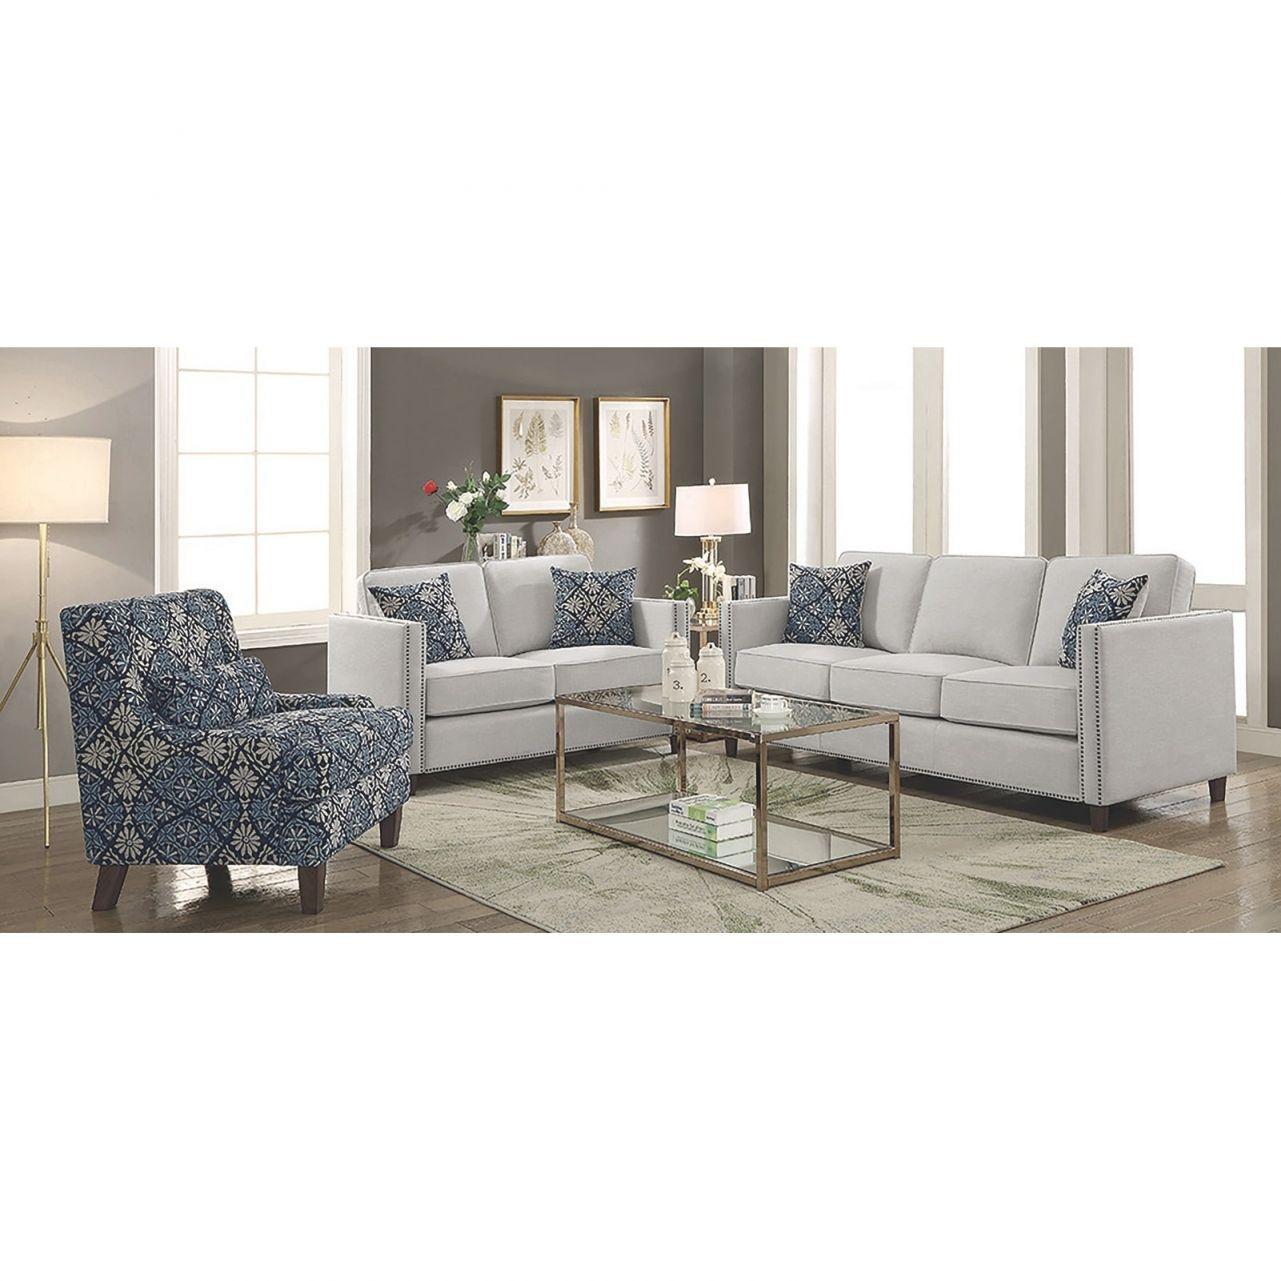 Denzel Transitional Beige 2-Piece Living Room Set with regard to Best of Transitional Living Room Furniture